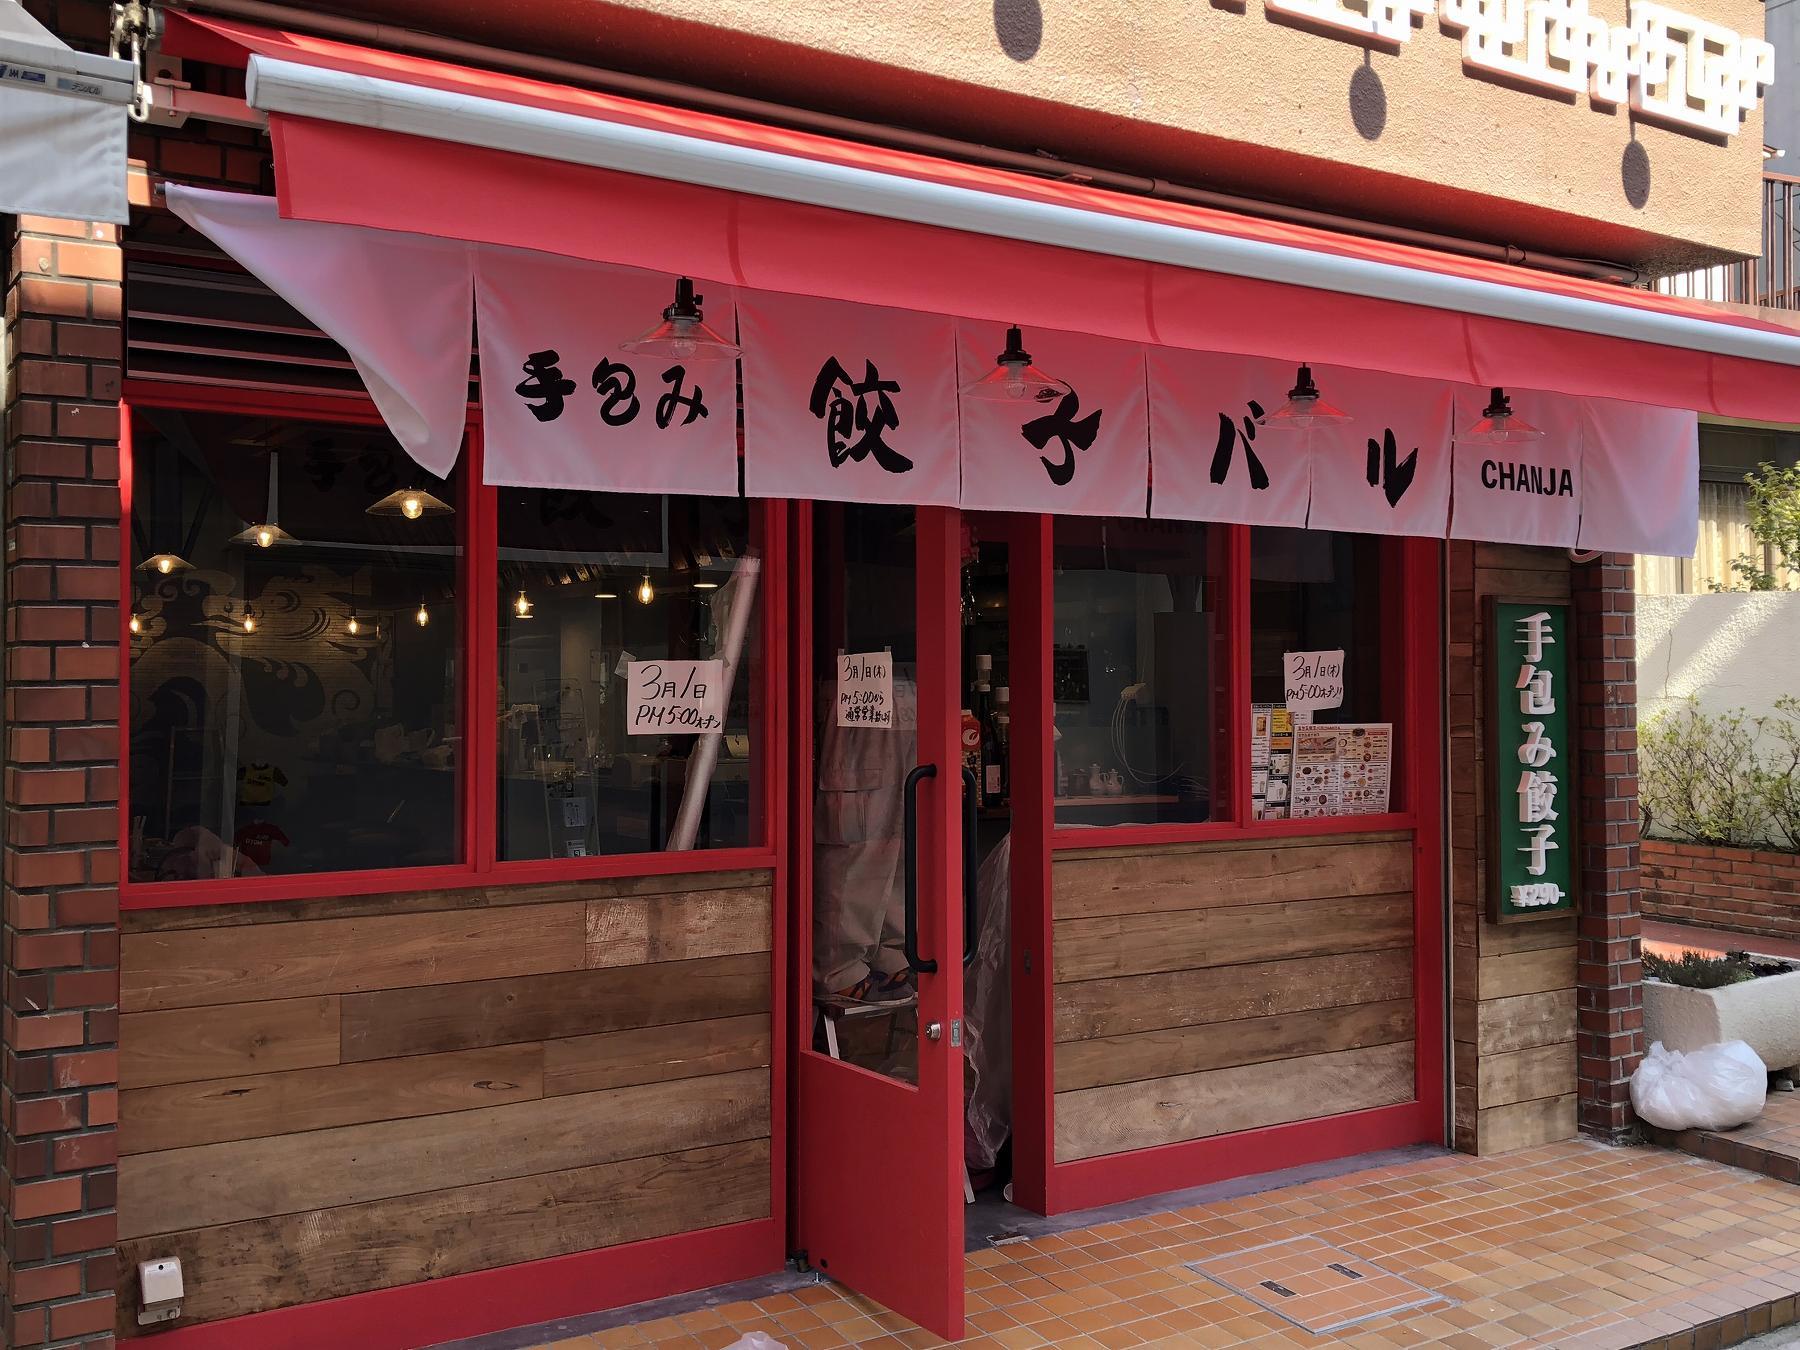 神戸・岡本に「手包み餃子バル CHANJA (チャンジャ)」が3/1(木)夕方オープン! #新規オープン #岡本商店街 #餃子